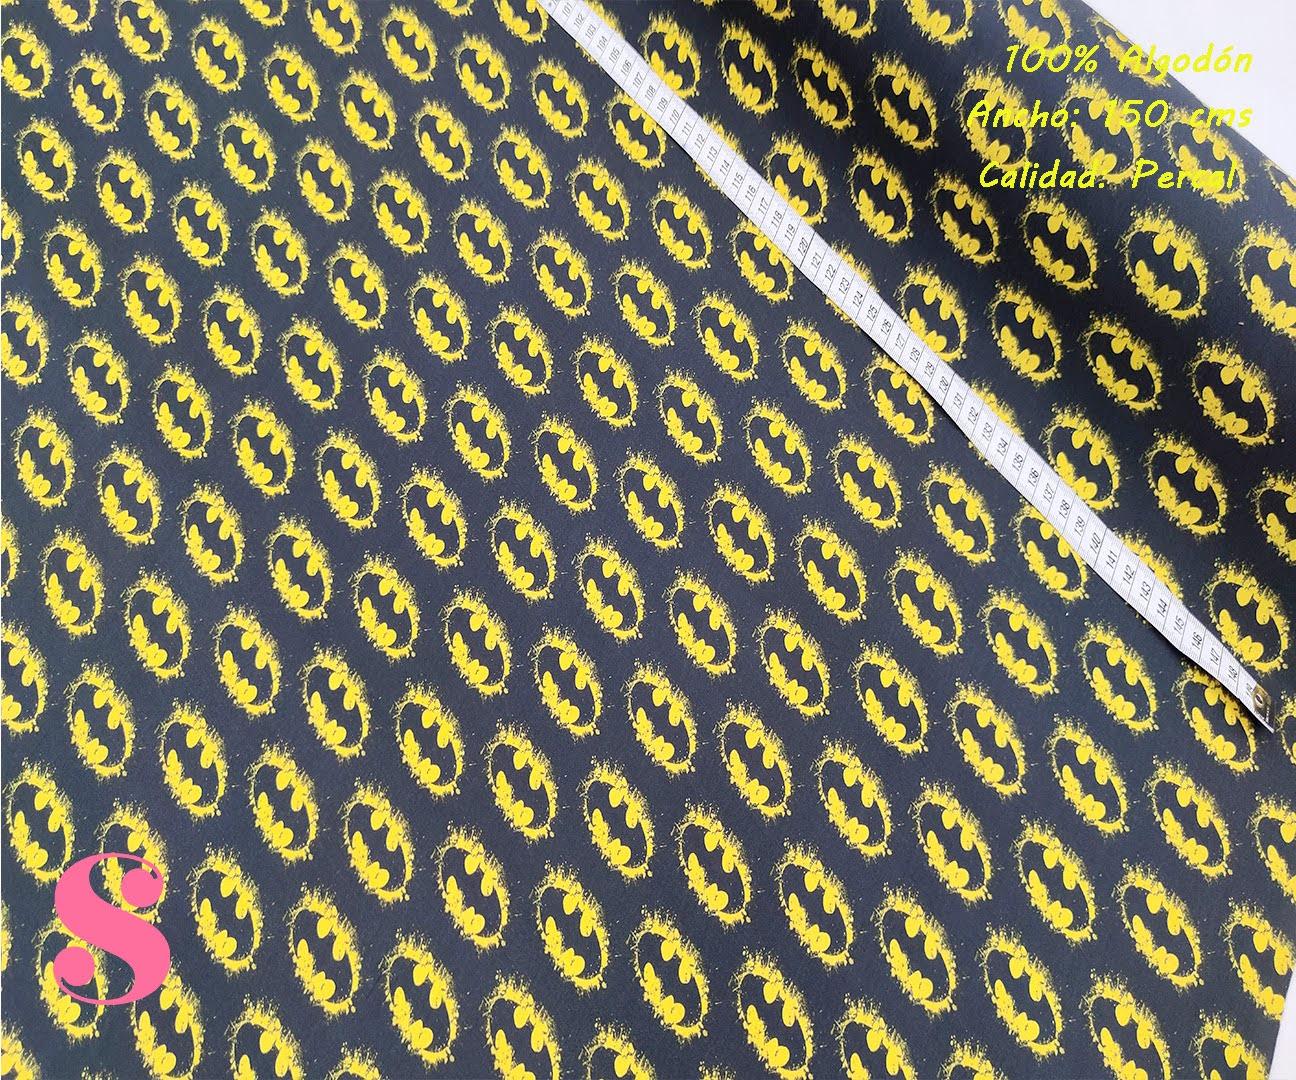 579-batman-logos-tejidos-algodón-estampado-percal,Tejido Estampado Batman Símbolo